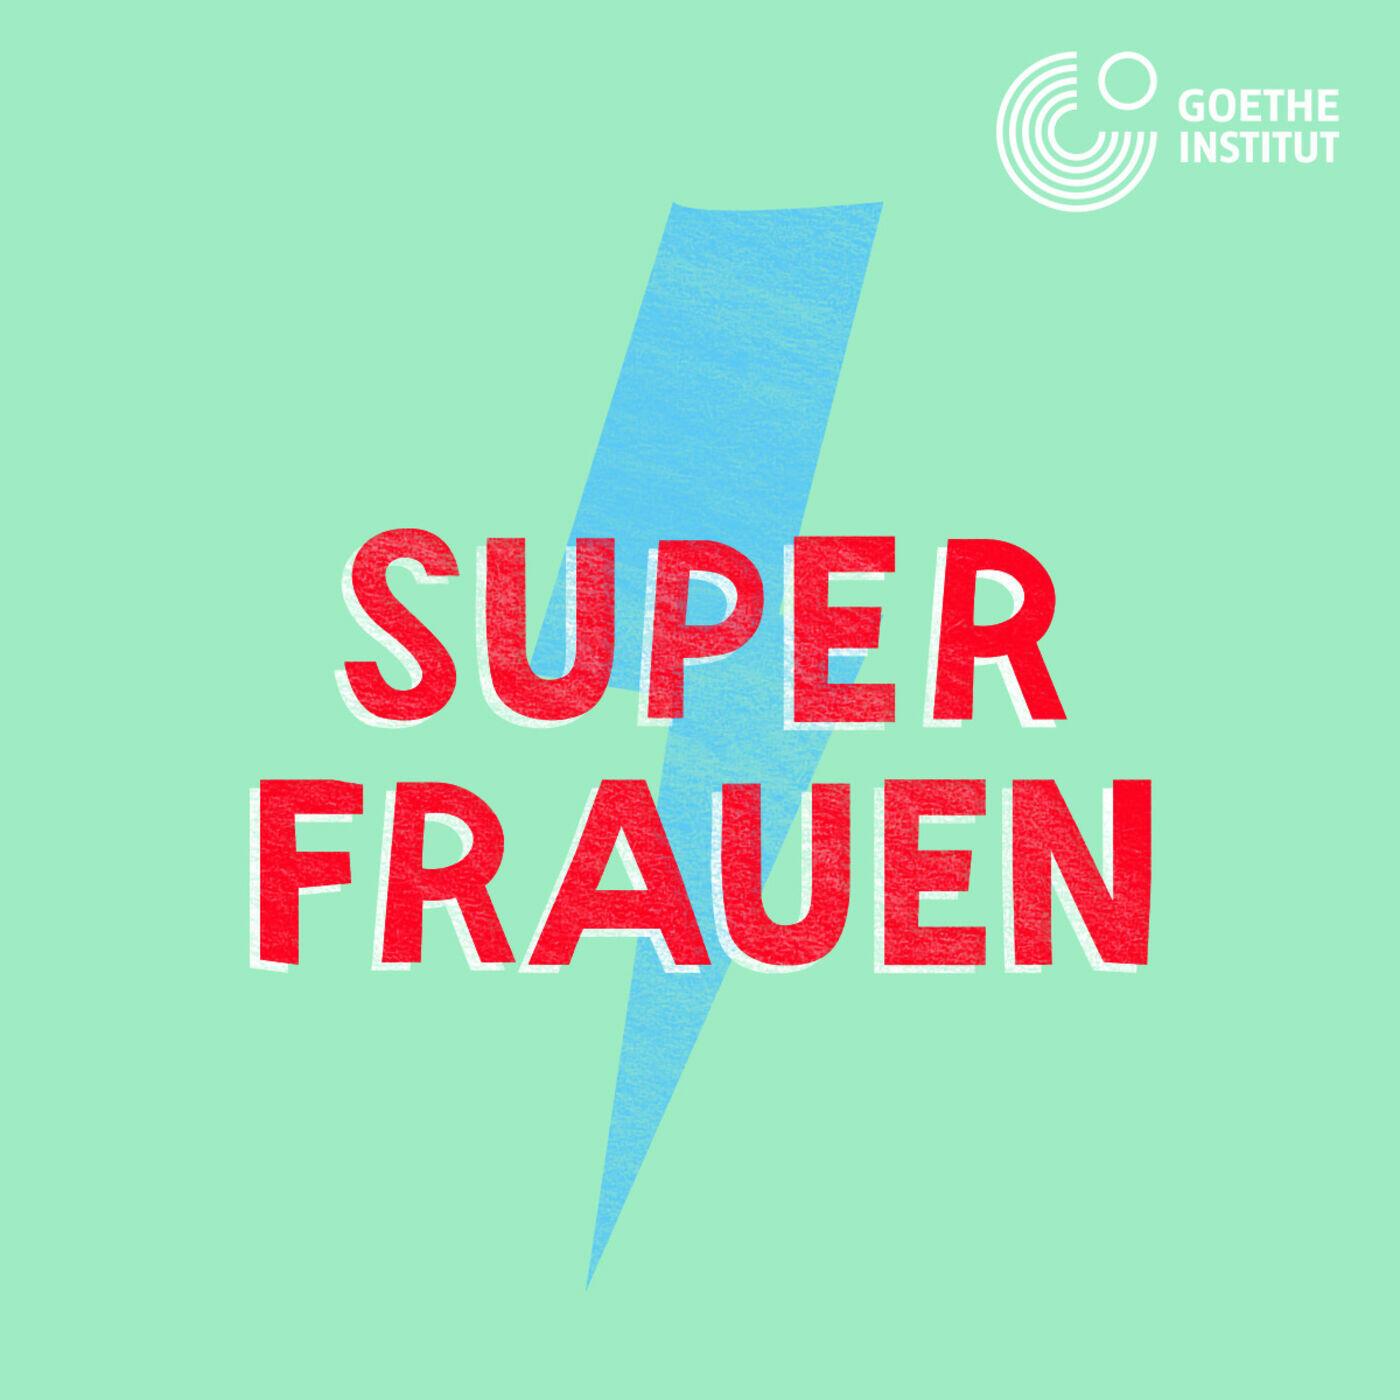 Superfrauen - ein Podcast über inspirierende Frauen zum Mitreden